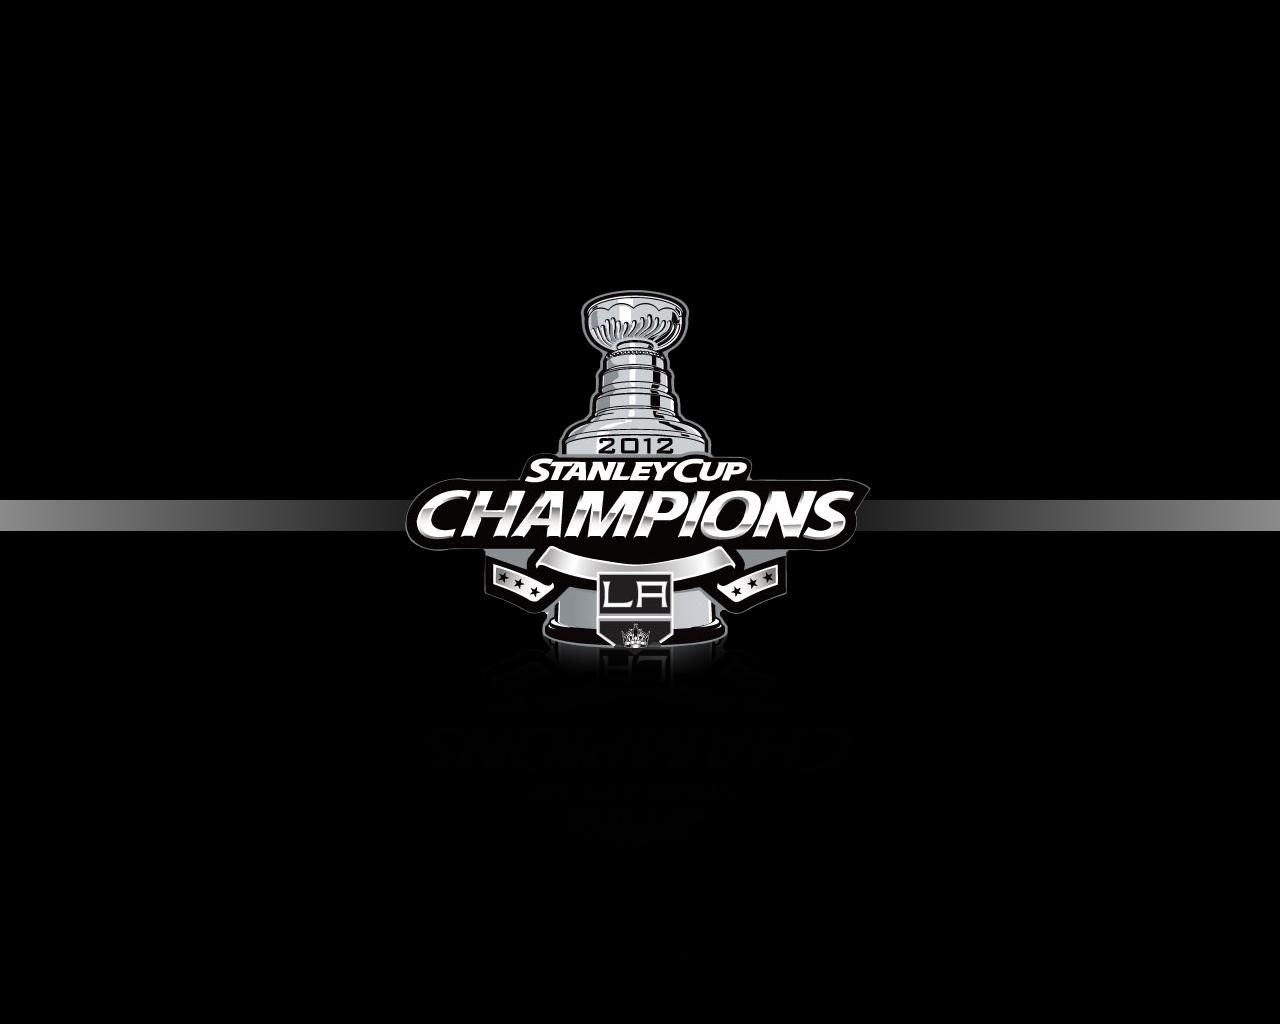 http://4.bp.blogspot.com/-OTA84BdZ1Sw/T9awtfv8FjI/AAAAAAAAA5c/dkMHlCgbB5w/s1600/LA_Kings_Stanley_Cup_Champions_Wallpaper.jpg